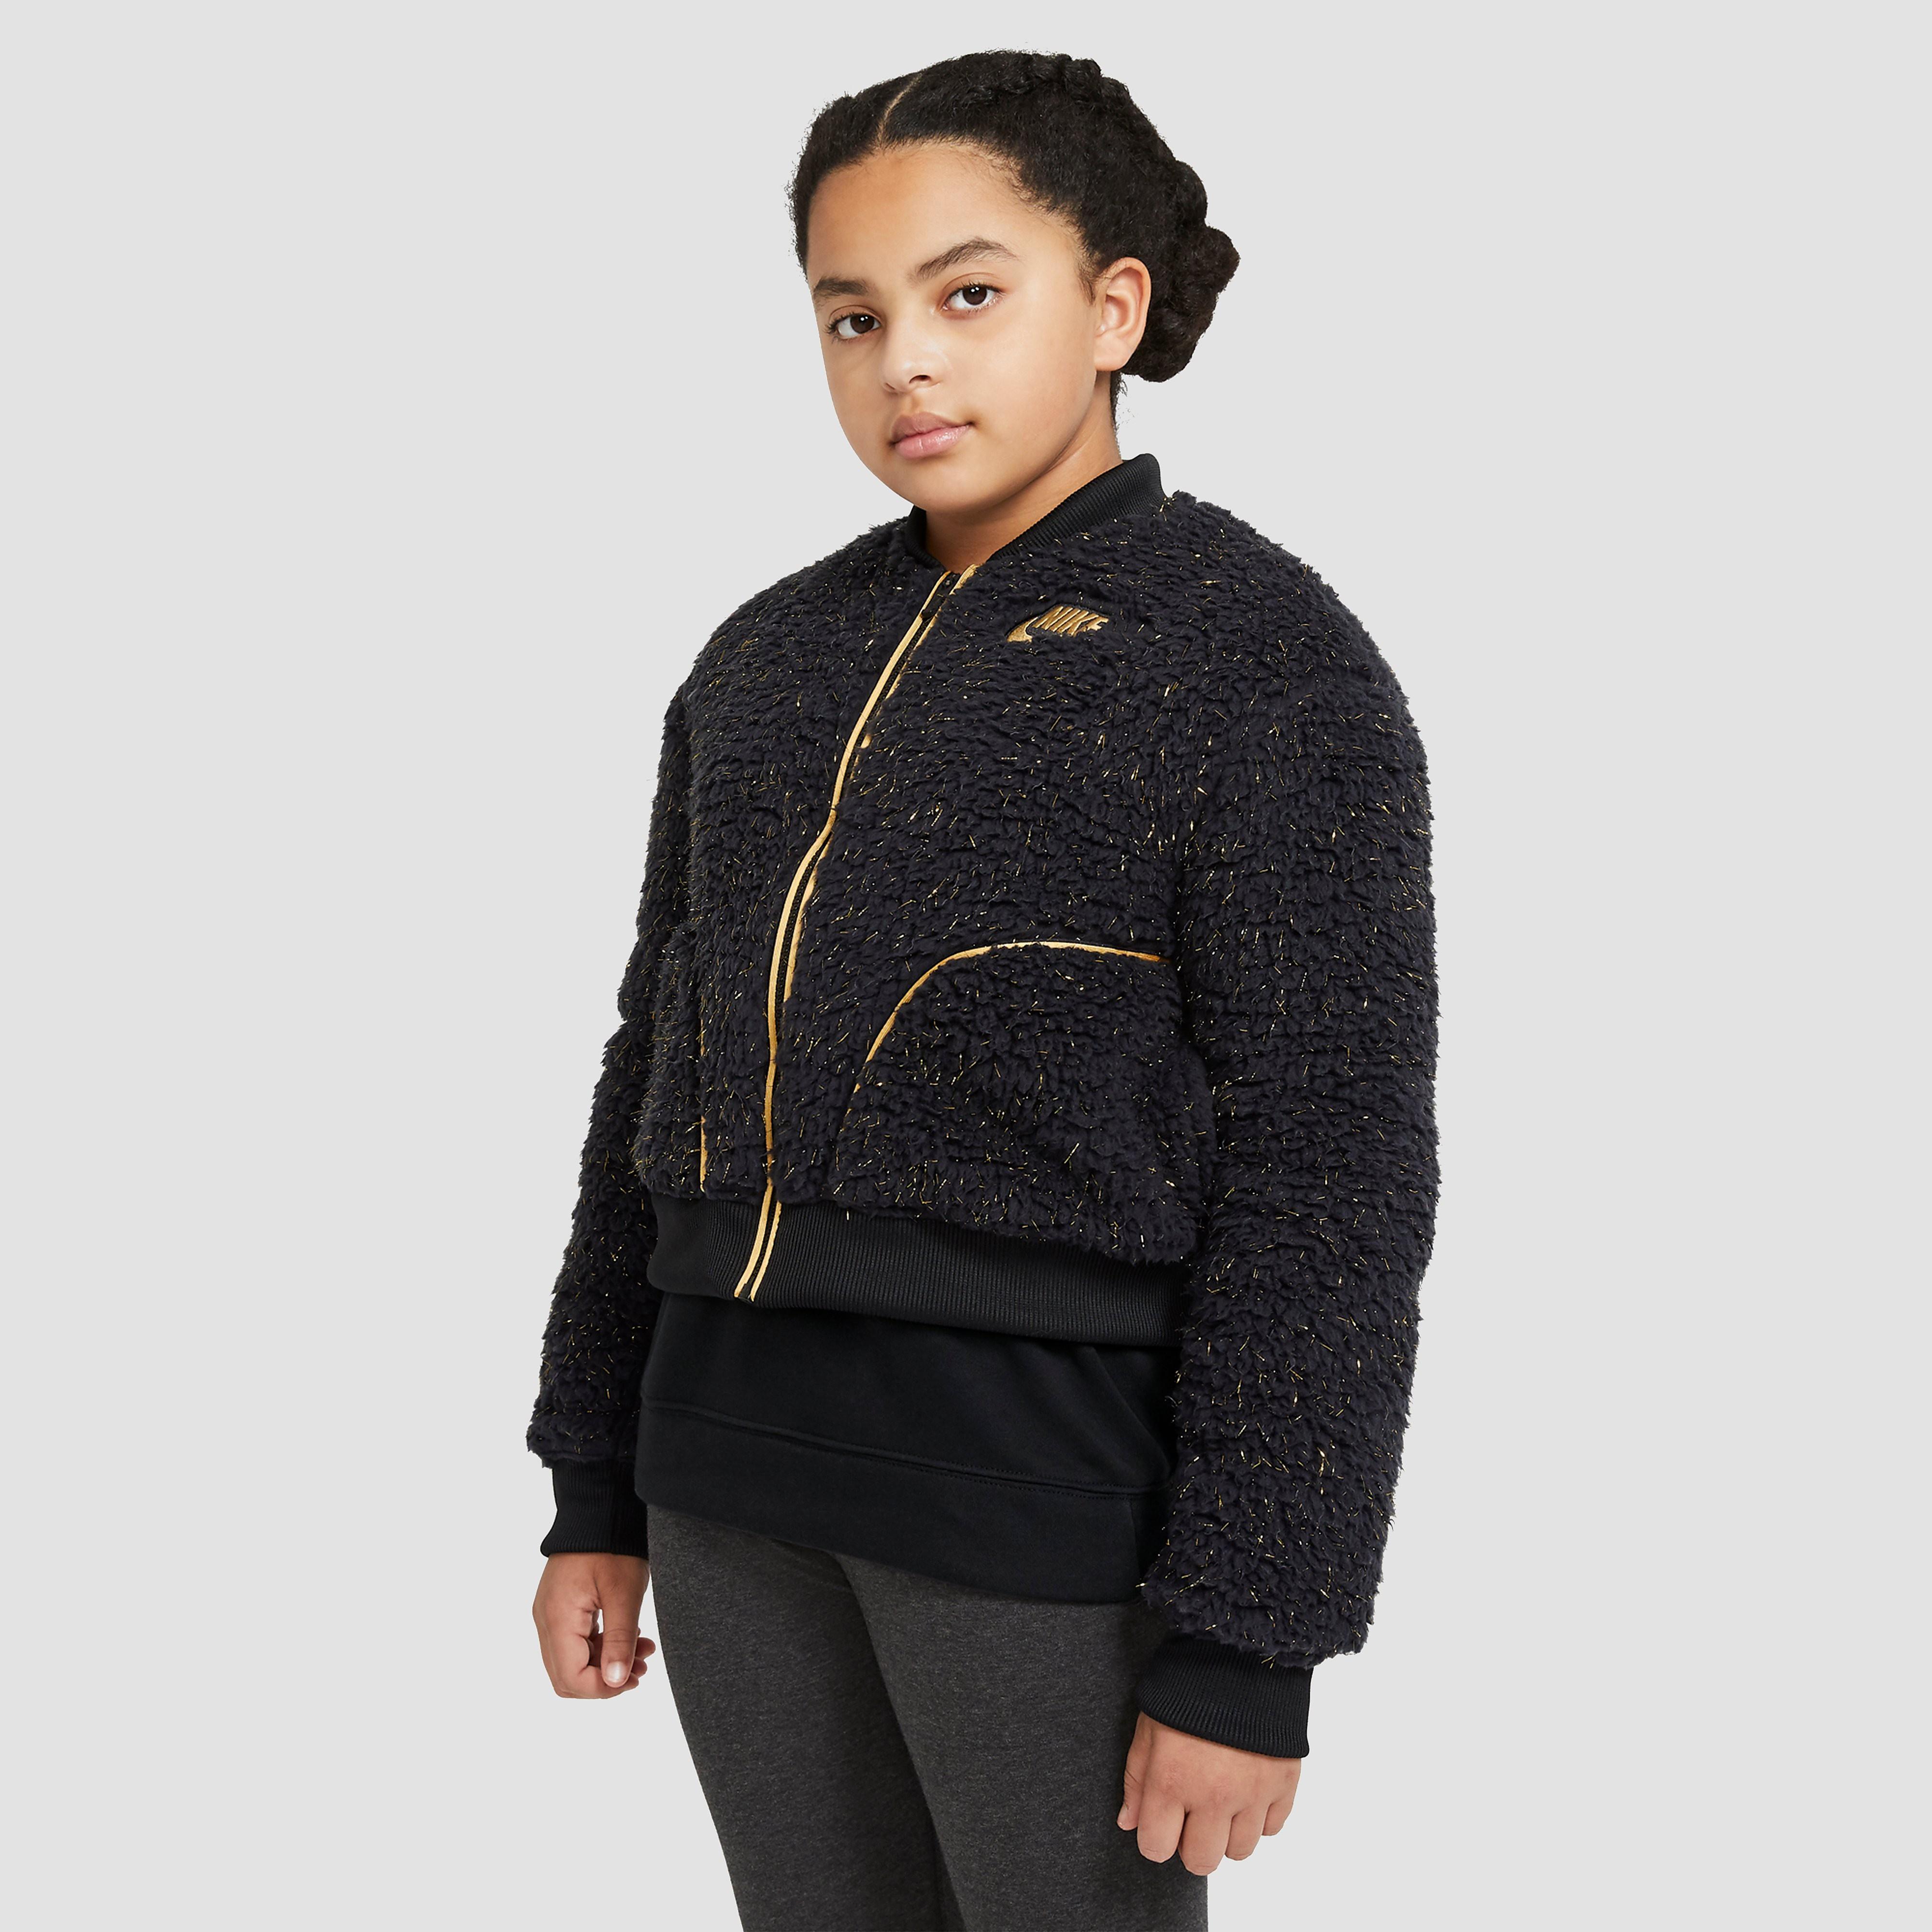 Nike Meisjes Sherpa Full Zip Fleece Jas Junior online kopen